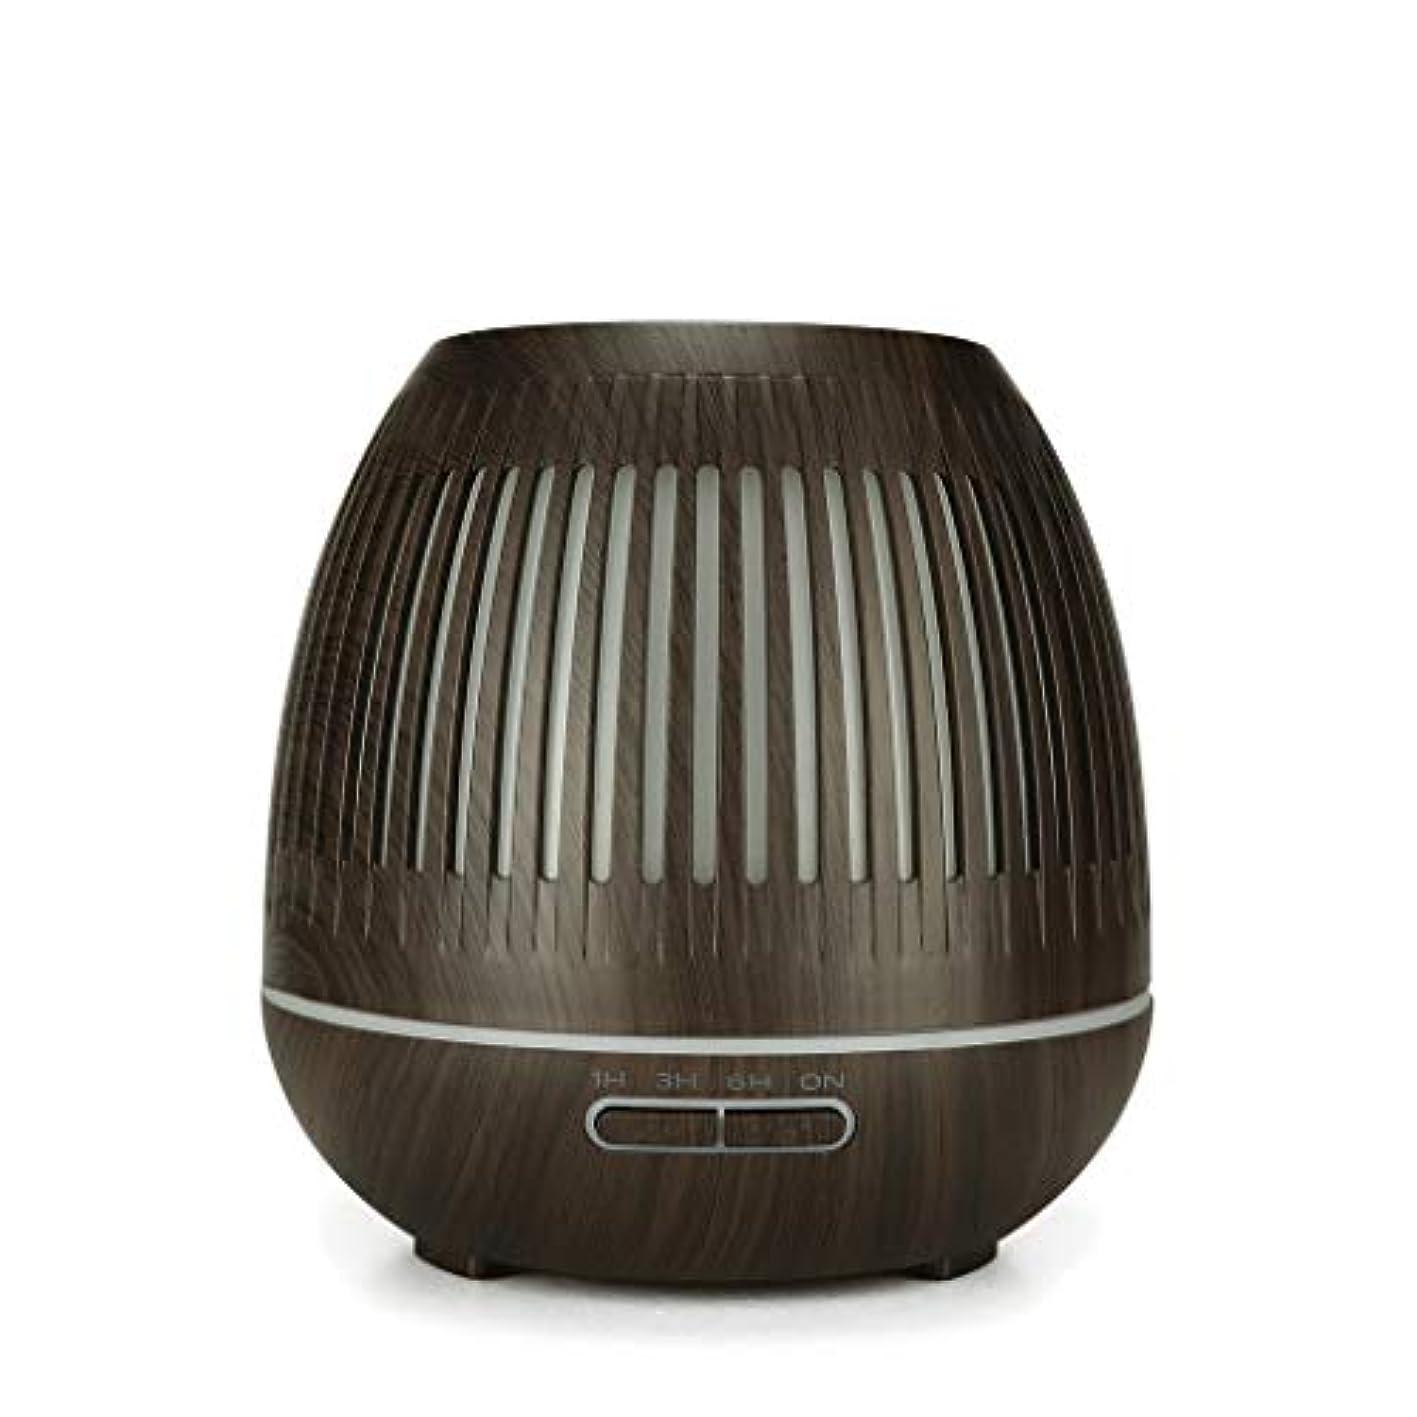 泥棒キュービック雄弁な400ミリリットル超音波クールミスト加湿器付きカラーledライト用ホームヨガオフィススパ寝室ベビールーム - ウッドグレインディフューザー (Color : Dark wood grain)